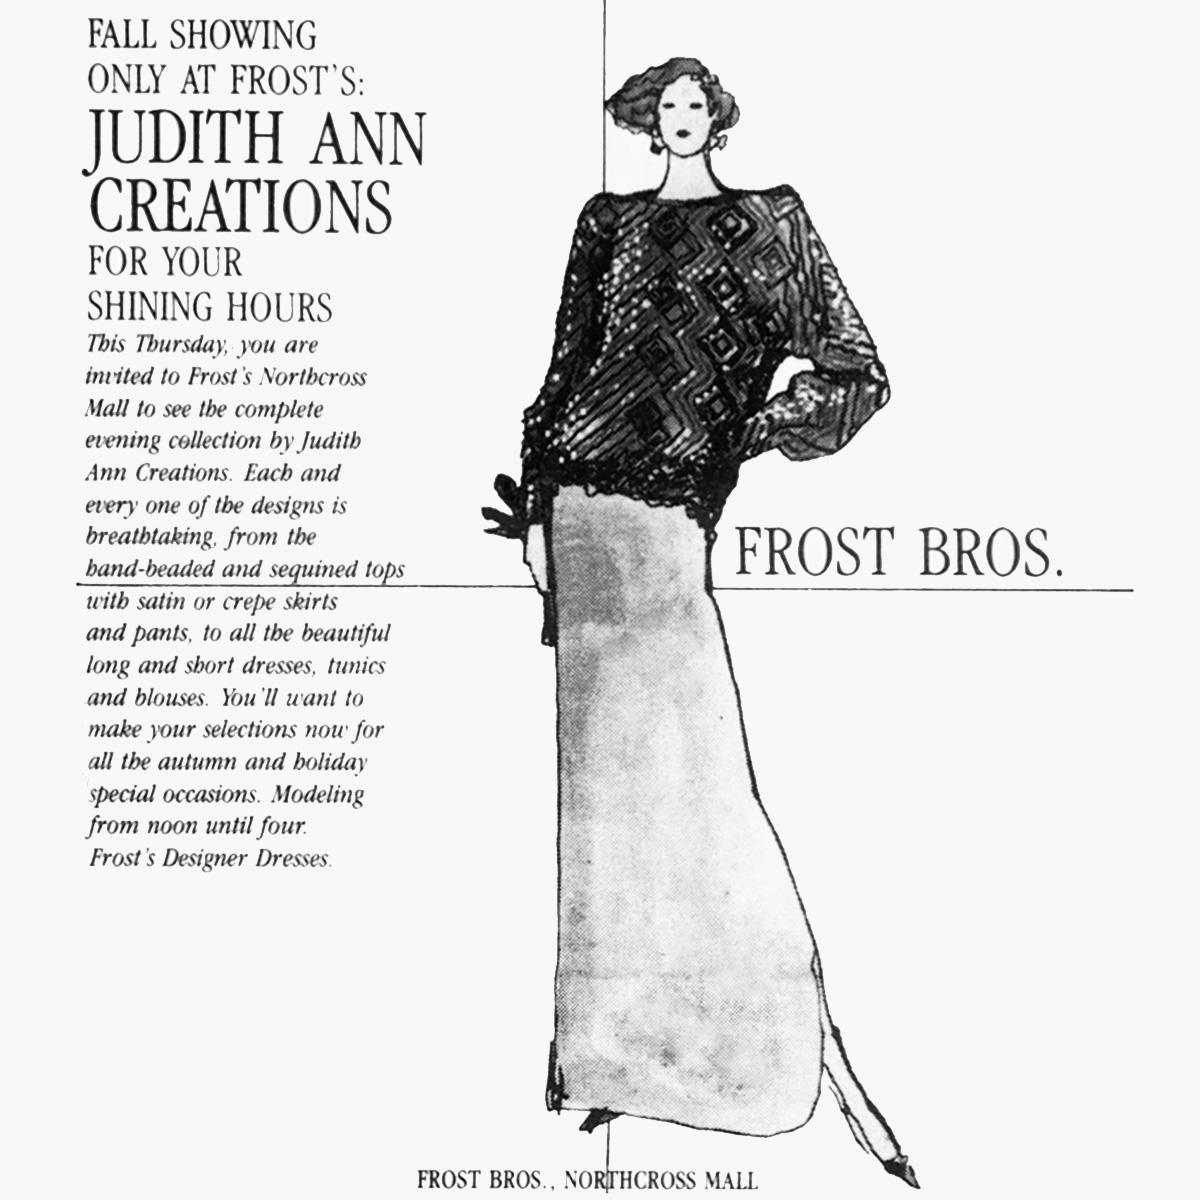 Judith Ann Creations Ad 1983